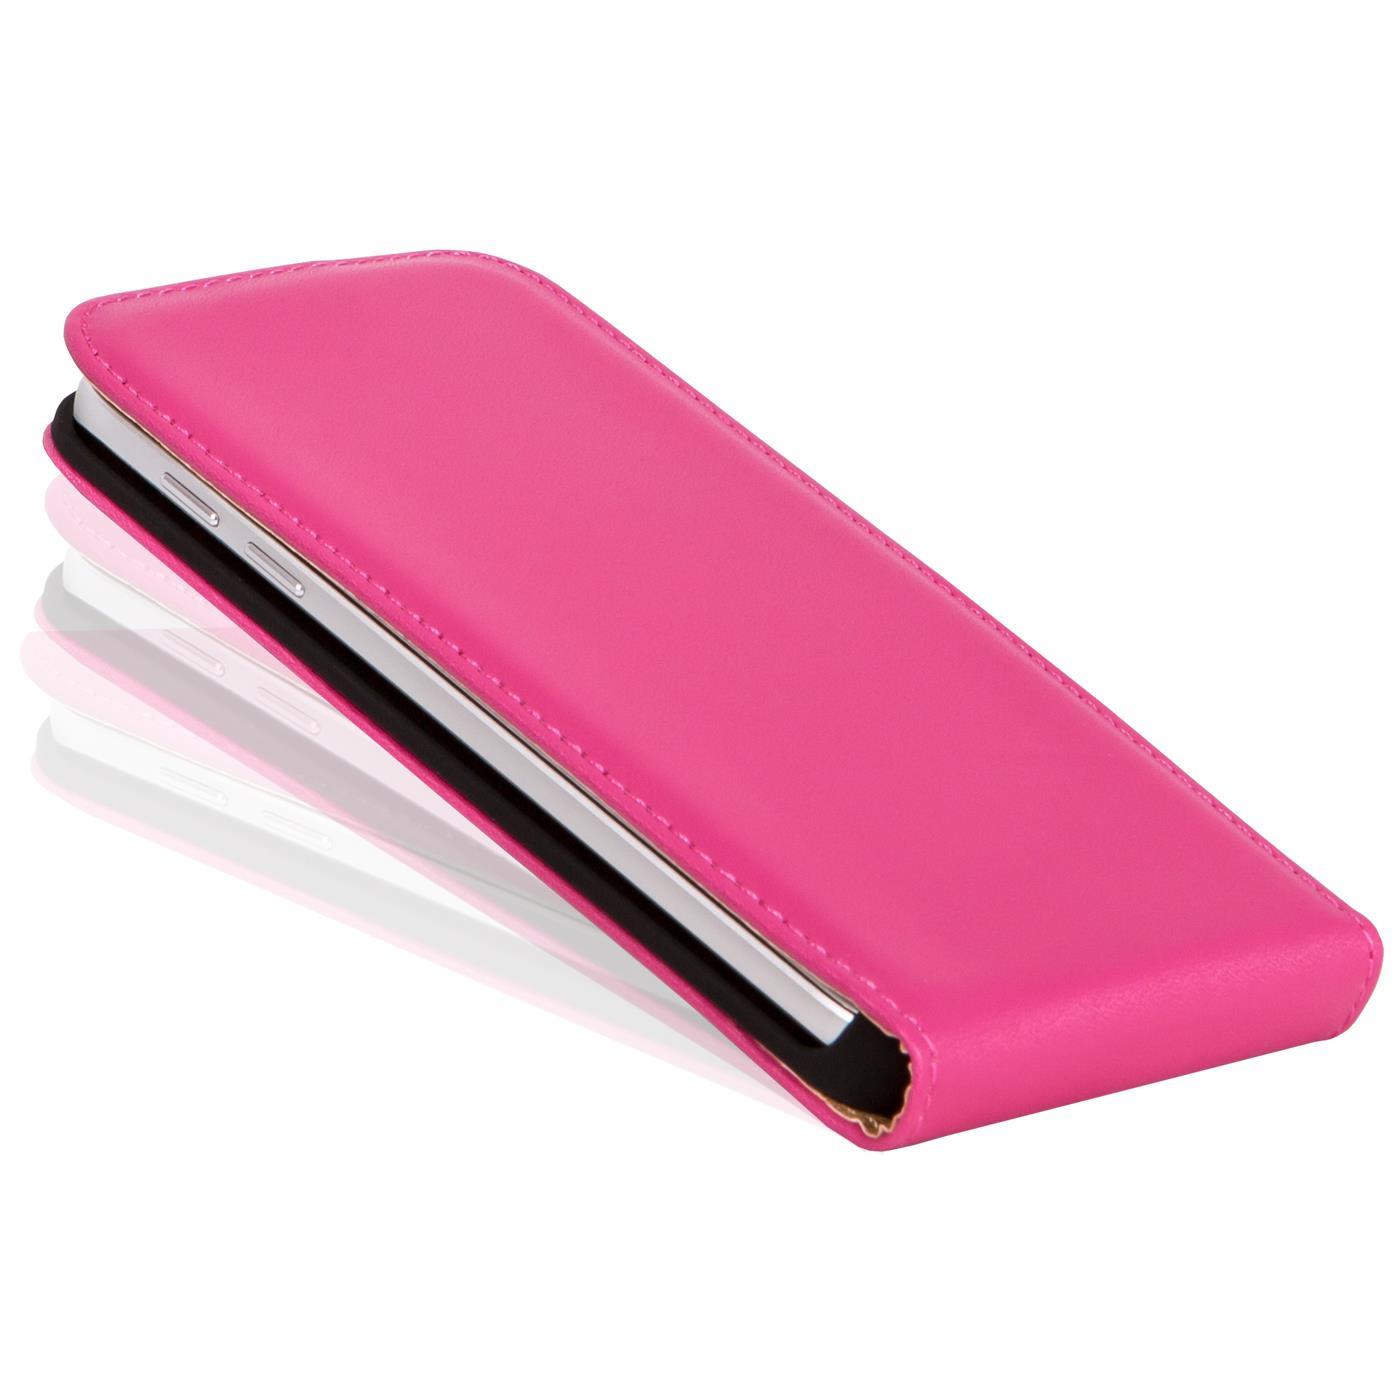 Klapphuelle-Samsung-Galaxy-Flip-Case-Tasche-Schutzhuelle-Cover-Schutz-Handy-Huelle Indexbild 23